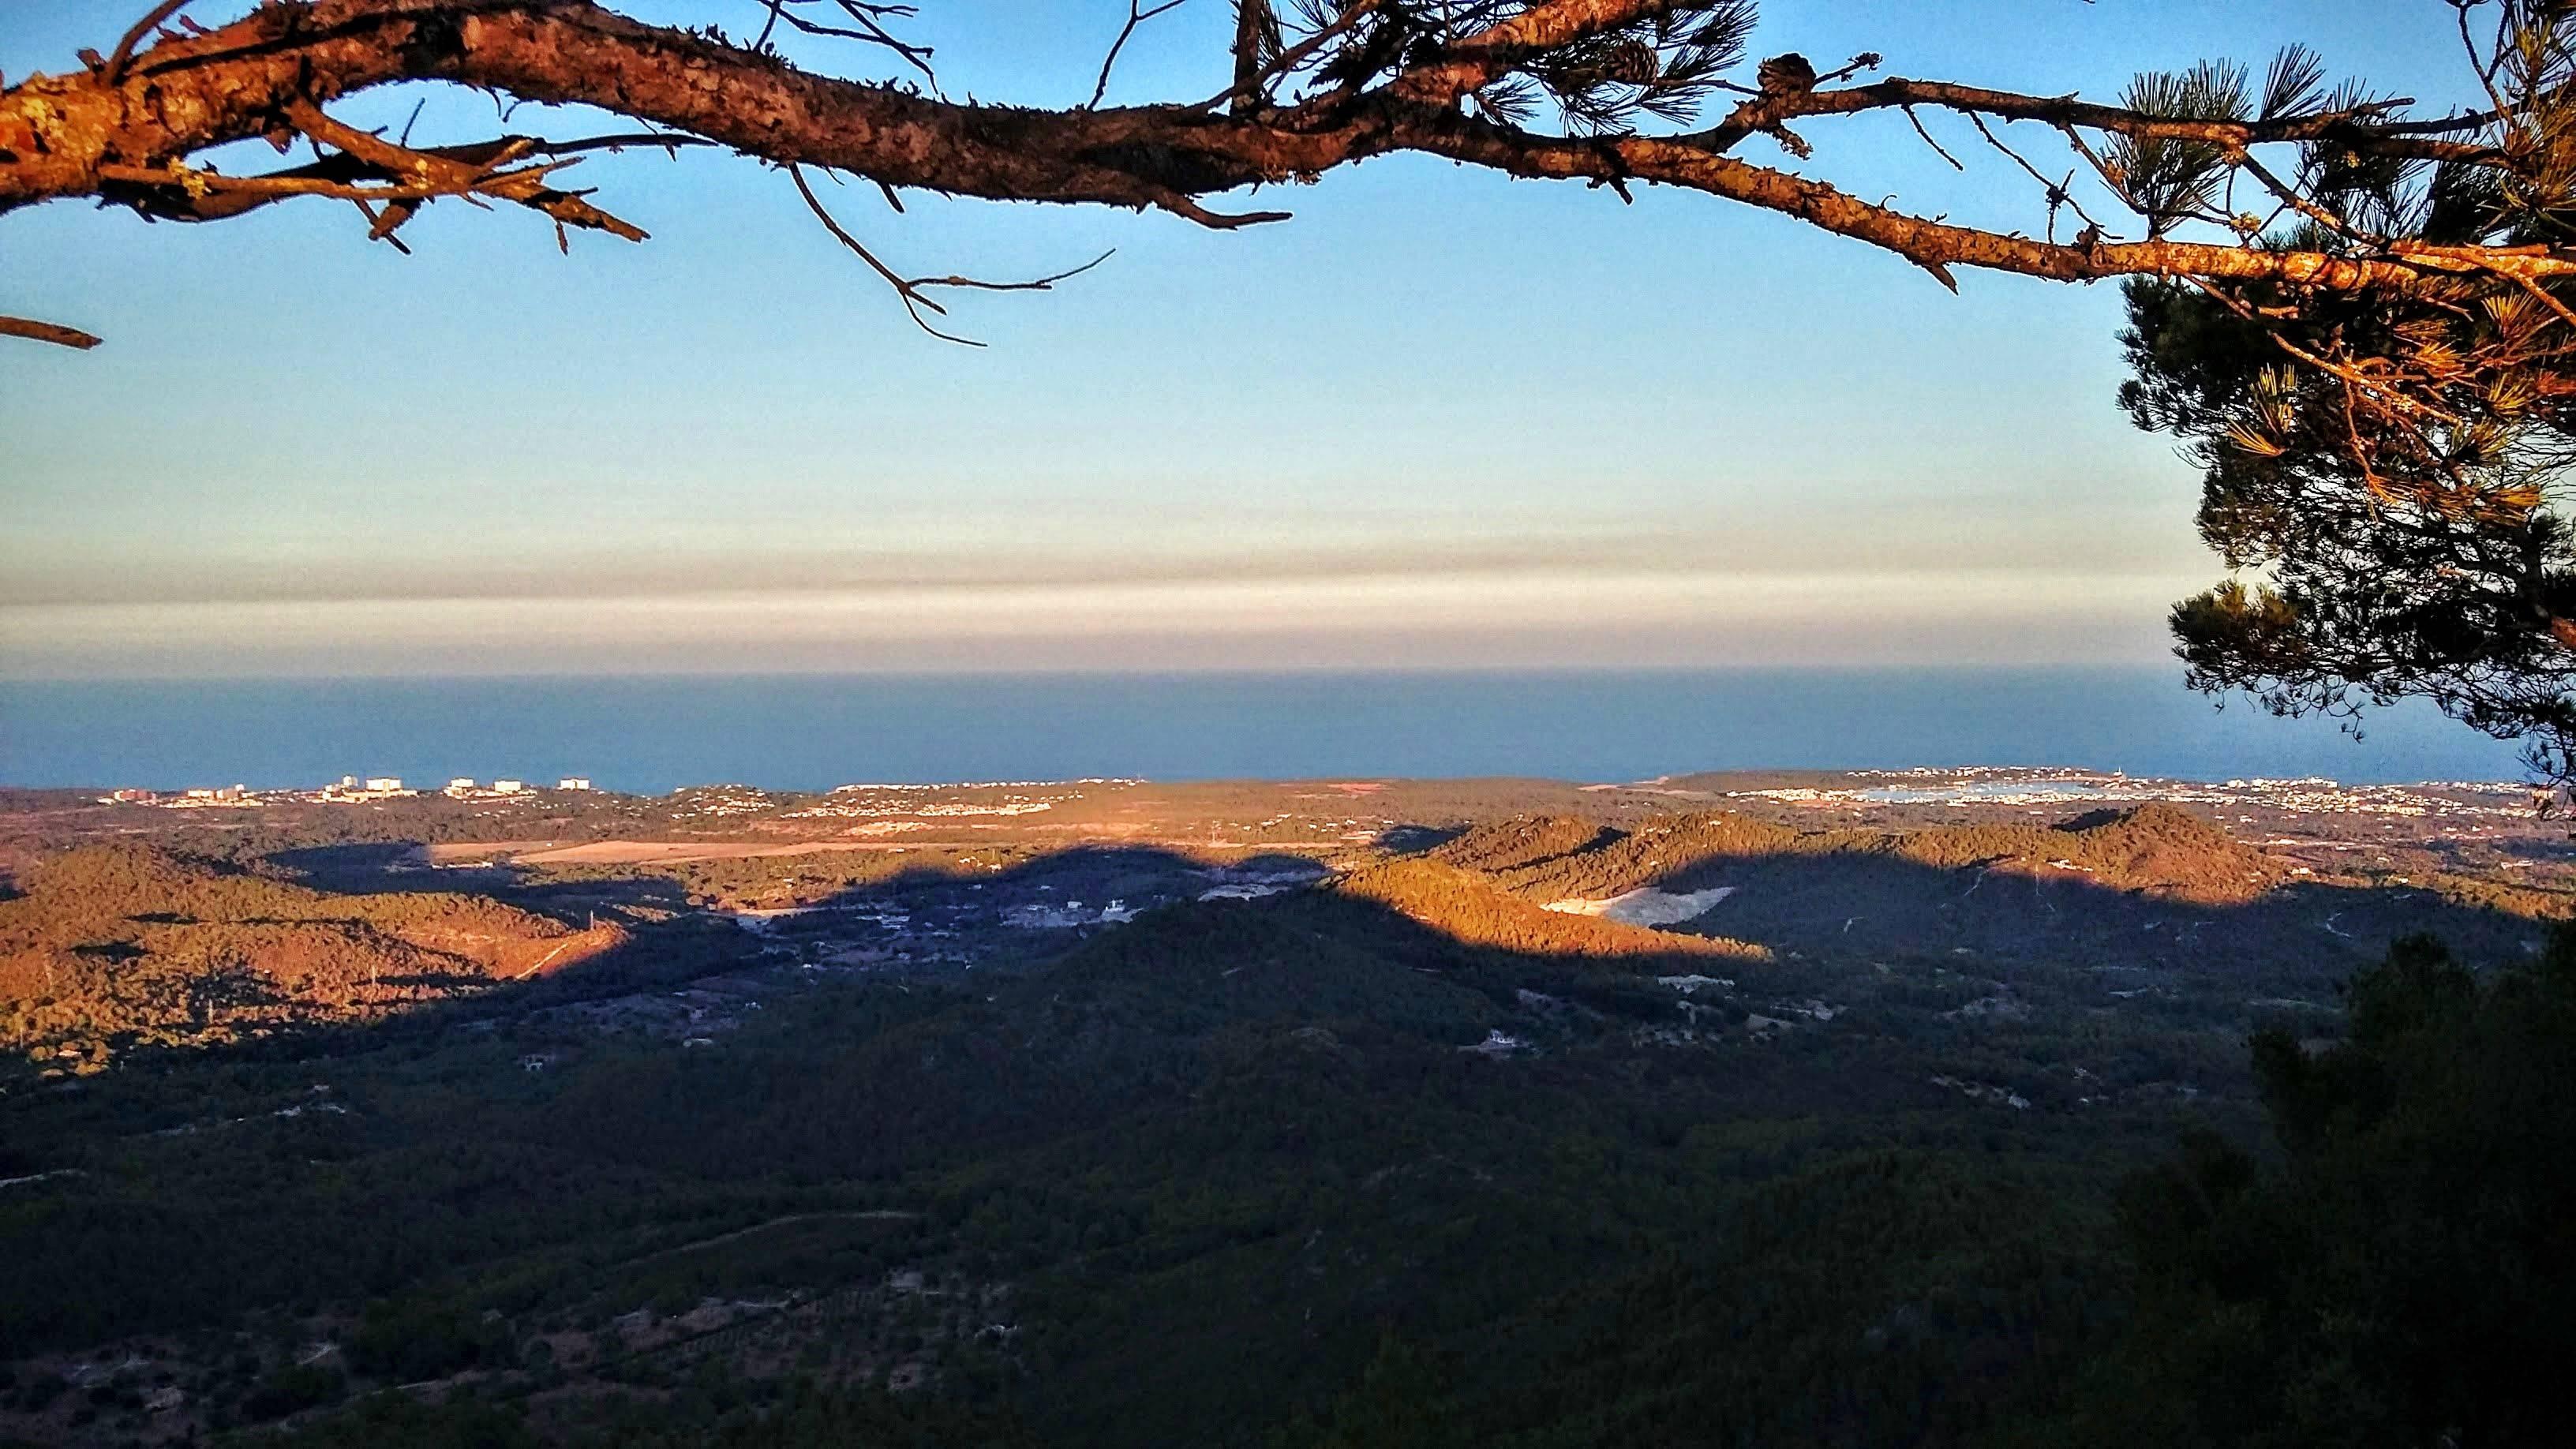 Photo 2: Majorque